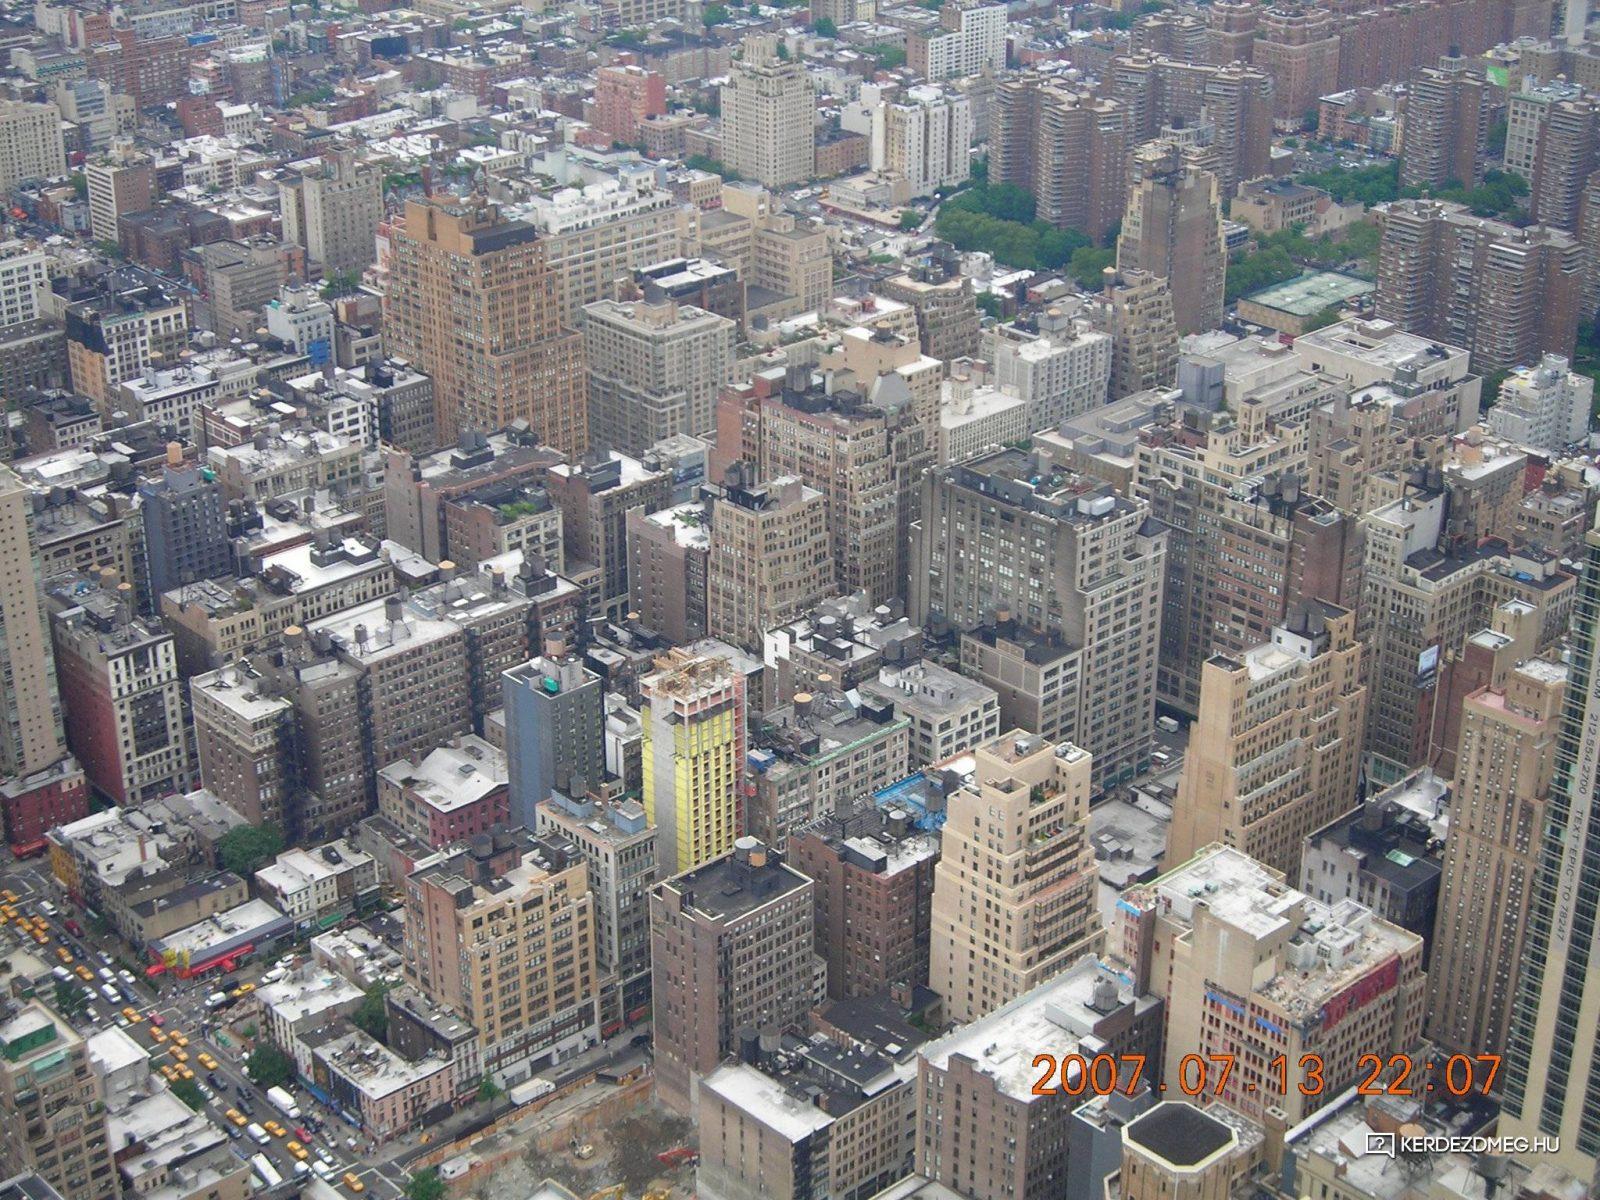 RE: Szerintetek New York-ot vagy San Francisco-t nézzem meg?